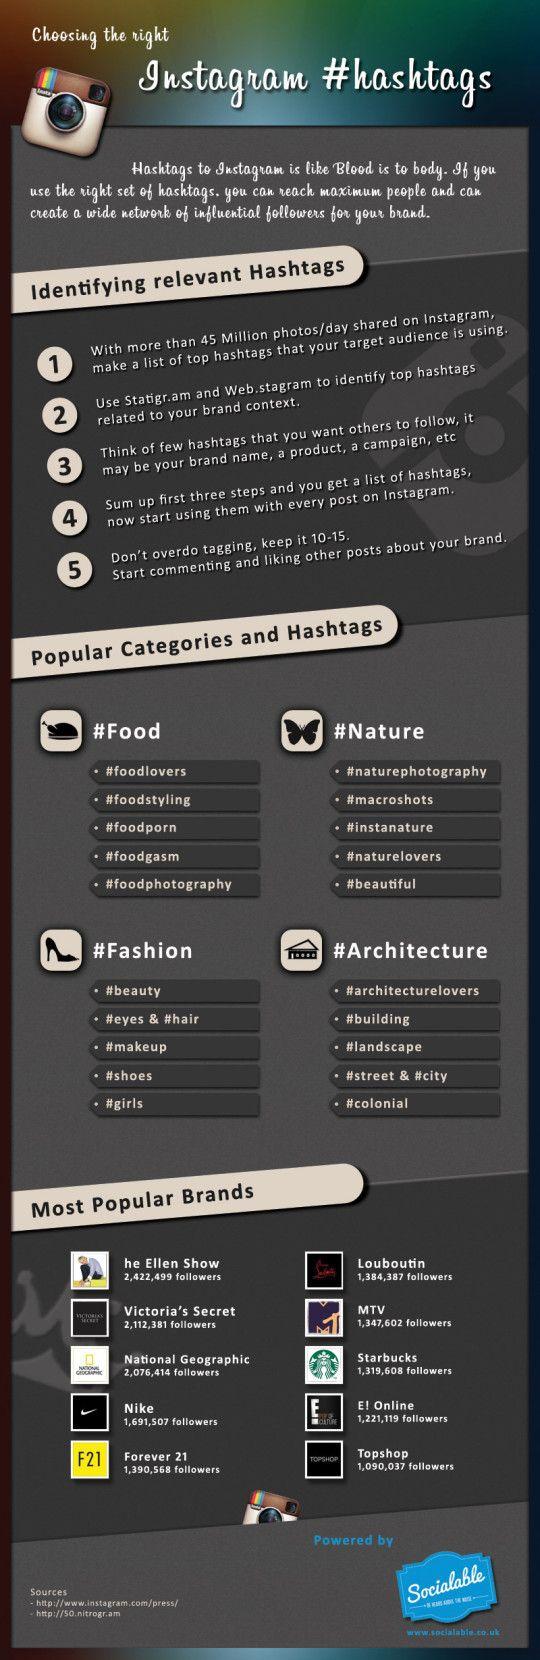 Les hashtag les plus populaire côté nourriture, nature et autres. Plus: les compte les plus suivis du réseau.